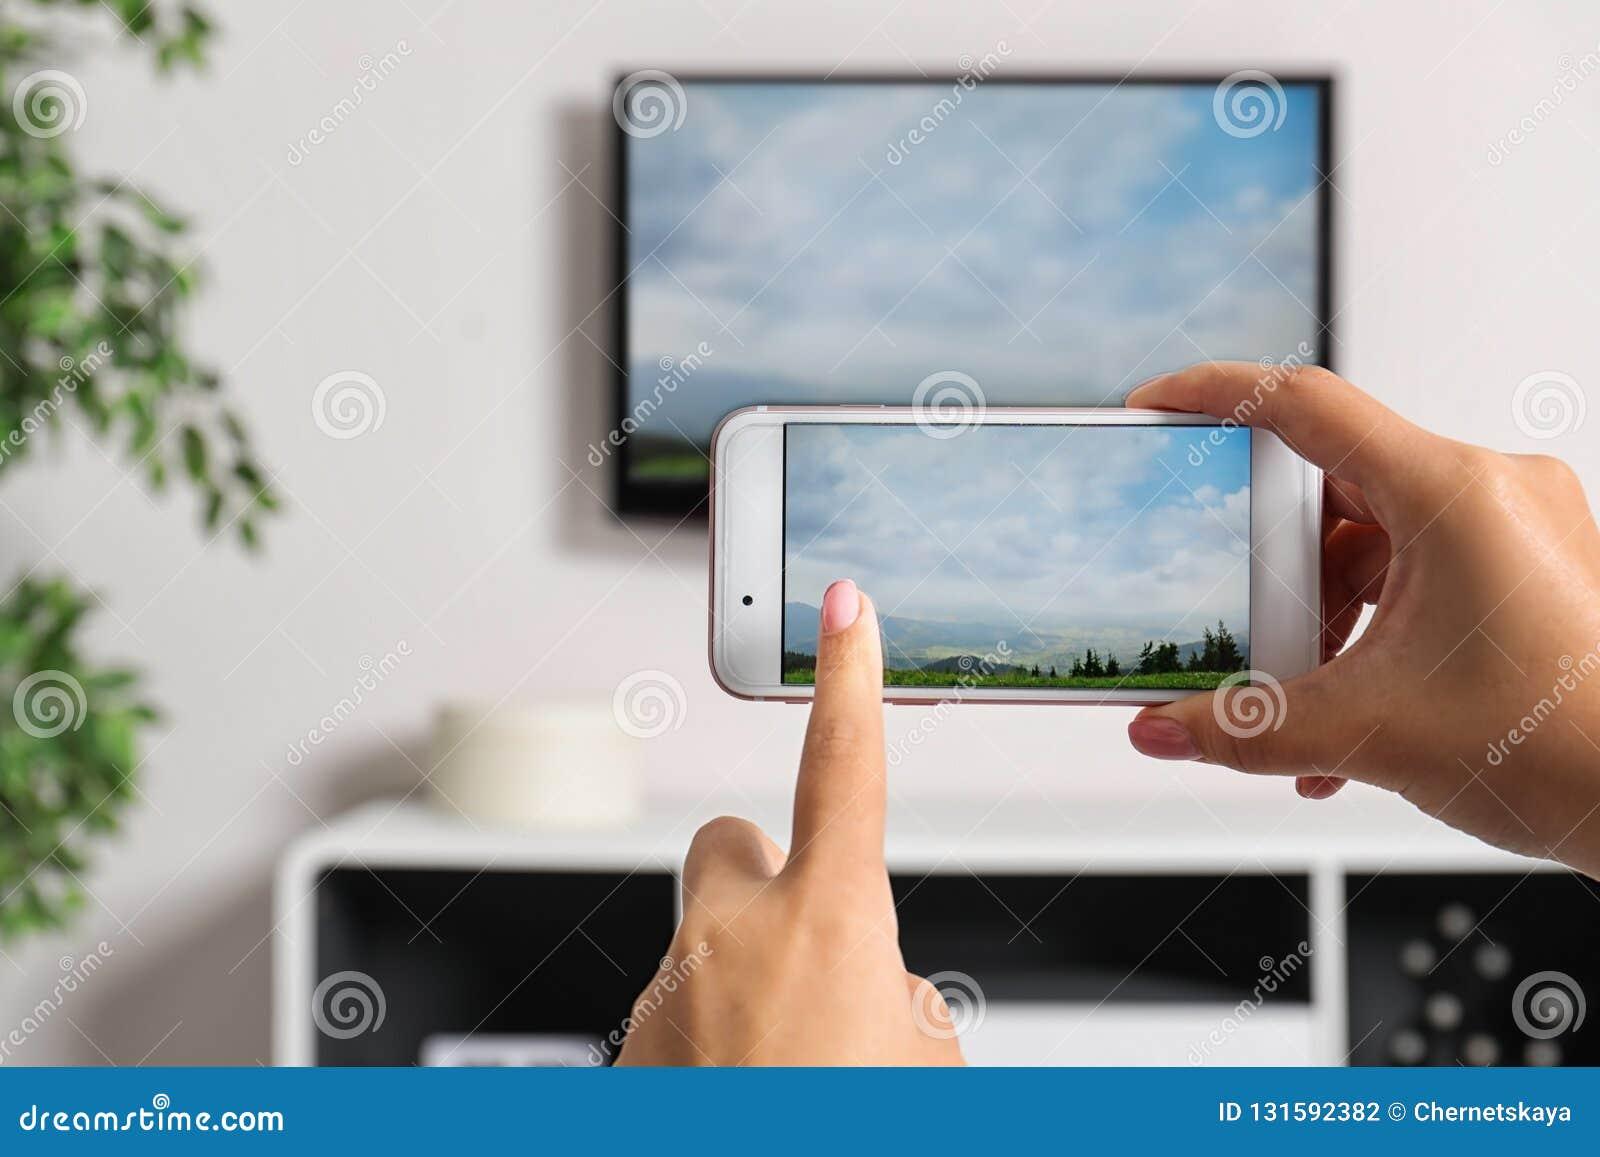 Mujer con el smartphone conectado con el aparato de TV